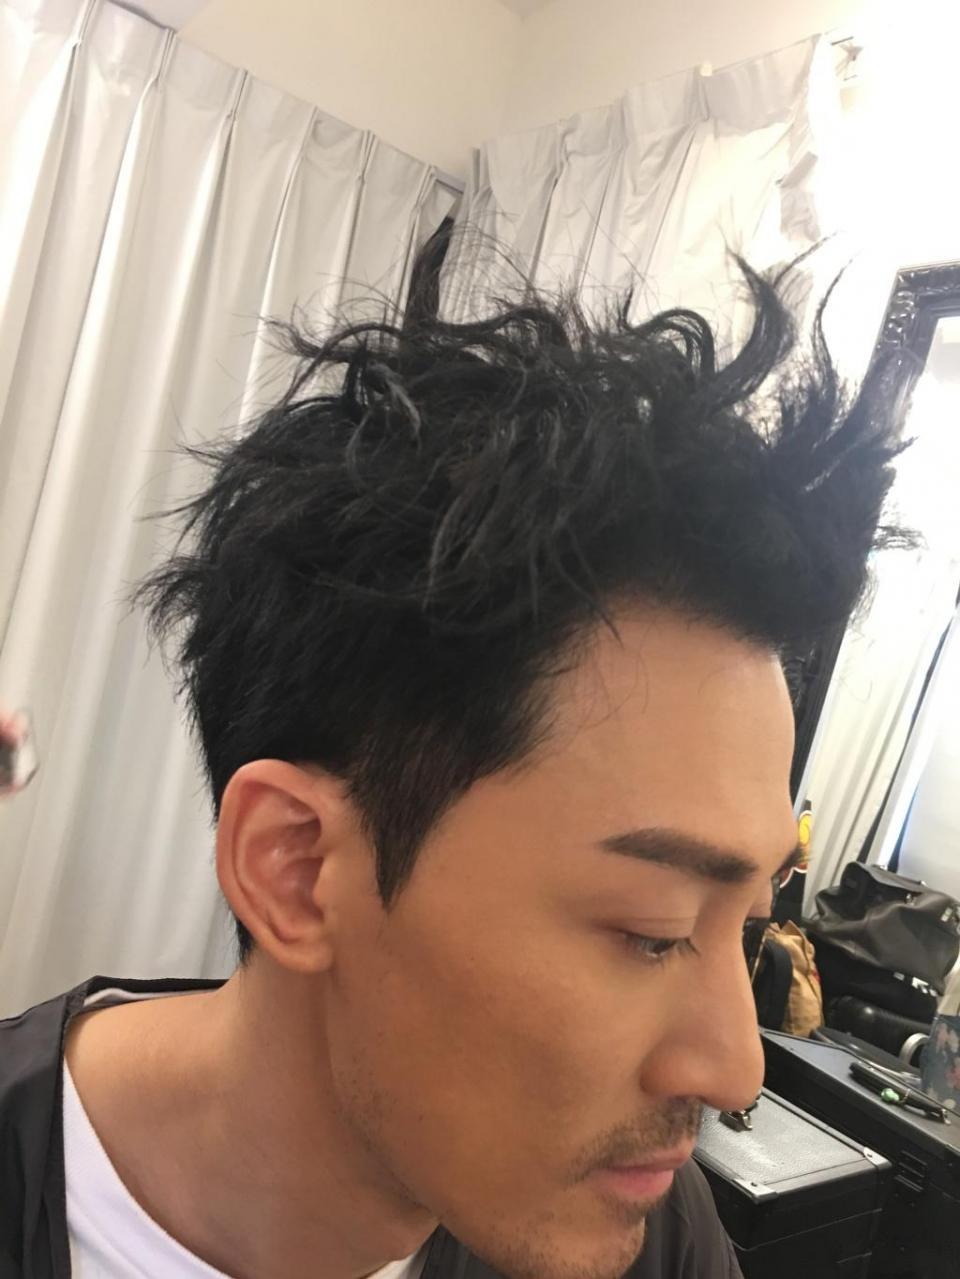 林峯晒28偏分发型,穿搭帅气十足,网友:寻秦记的头发长图片